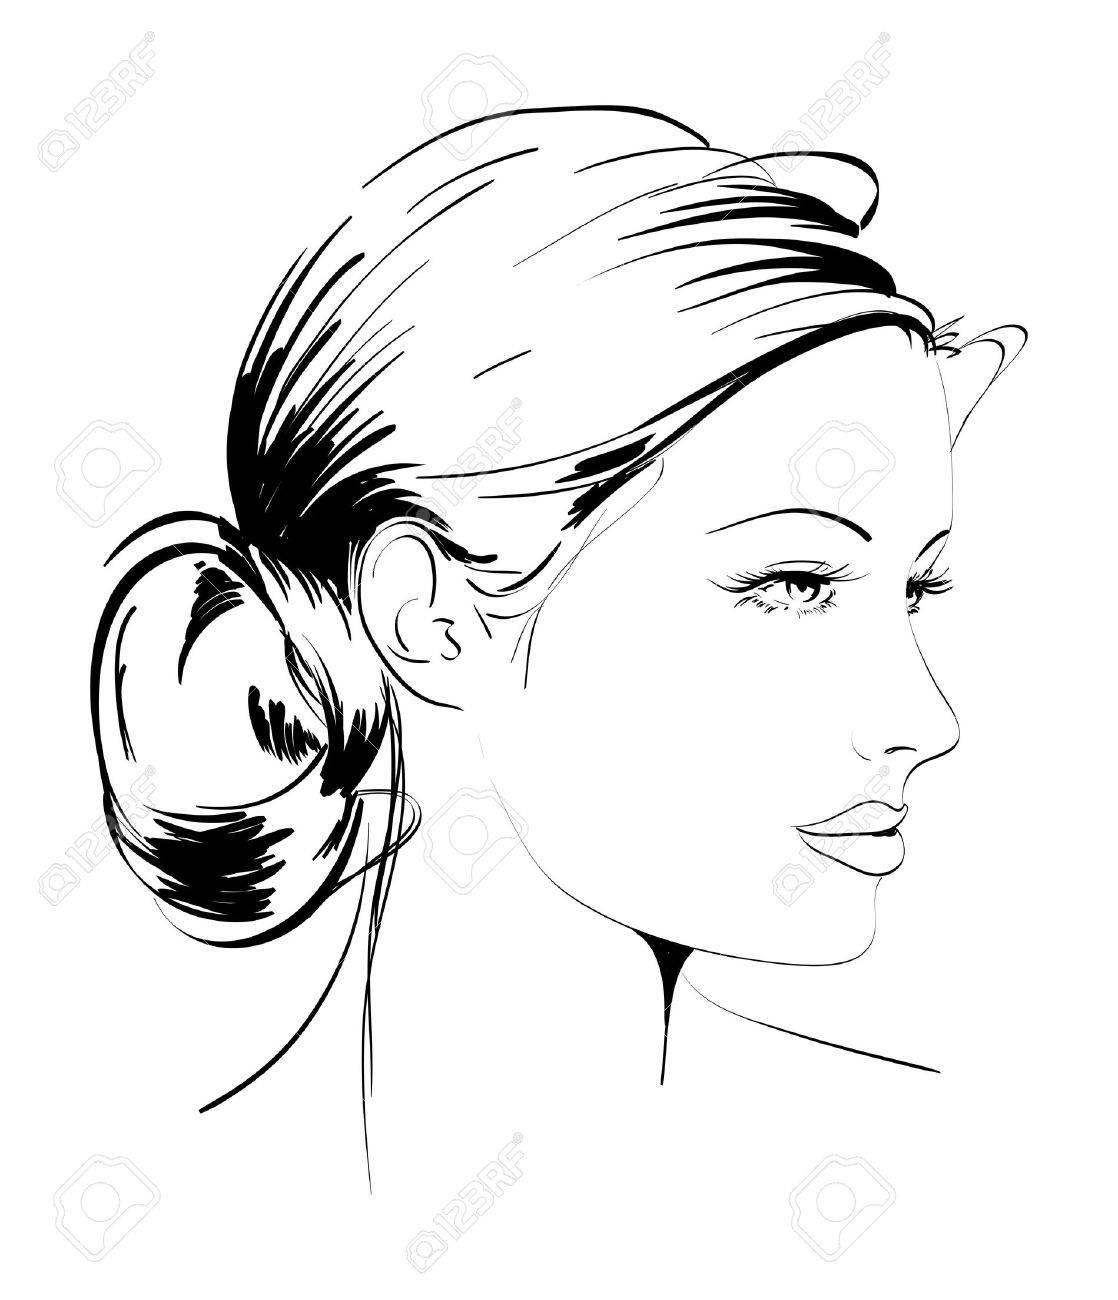 Illustration Visage tiré par la main de mannequin. illustration. visage d'une femme clip